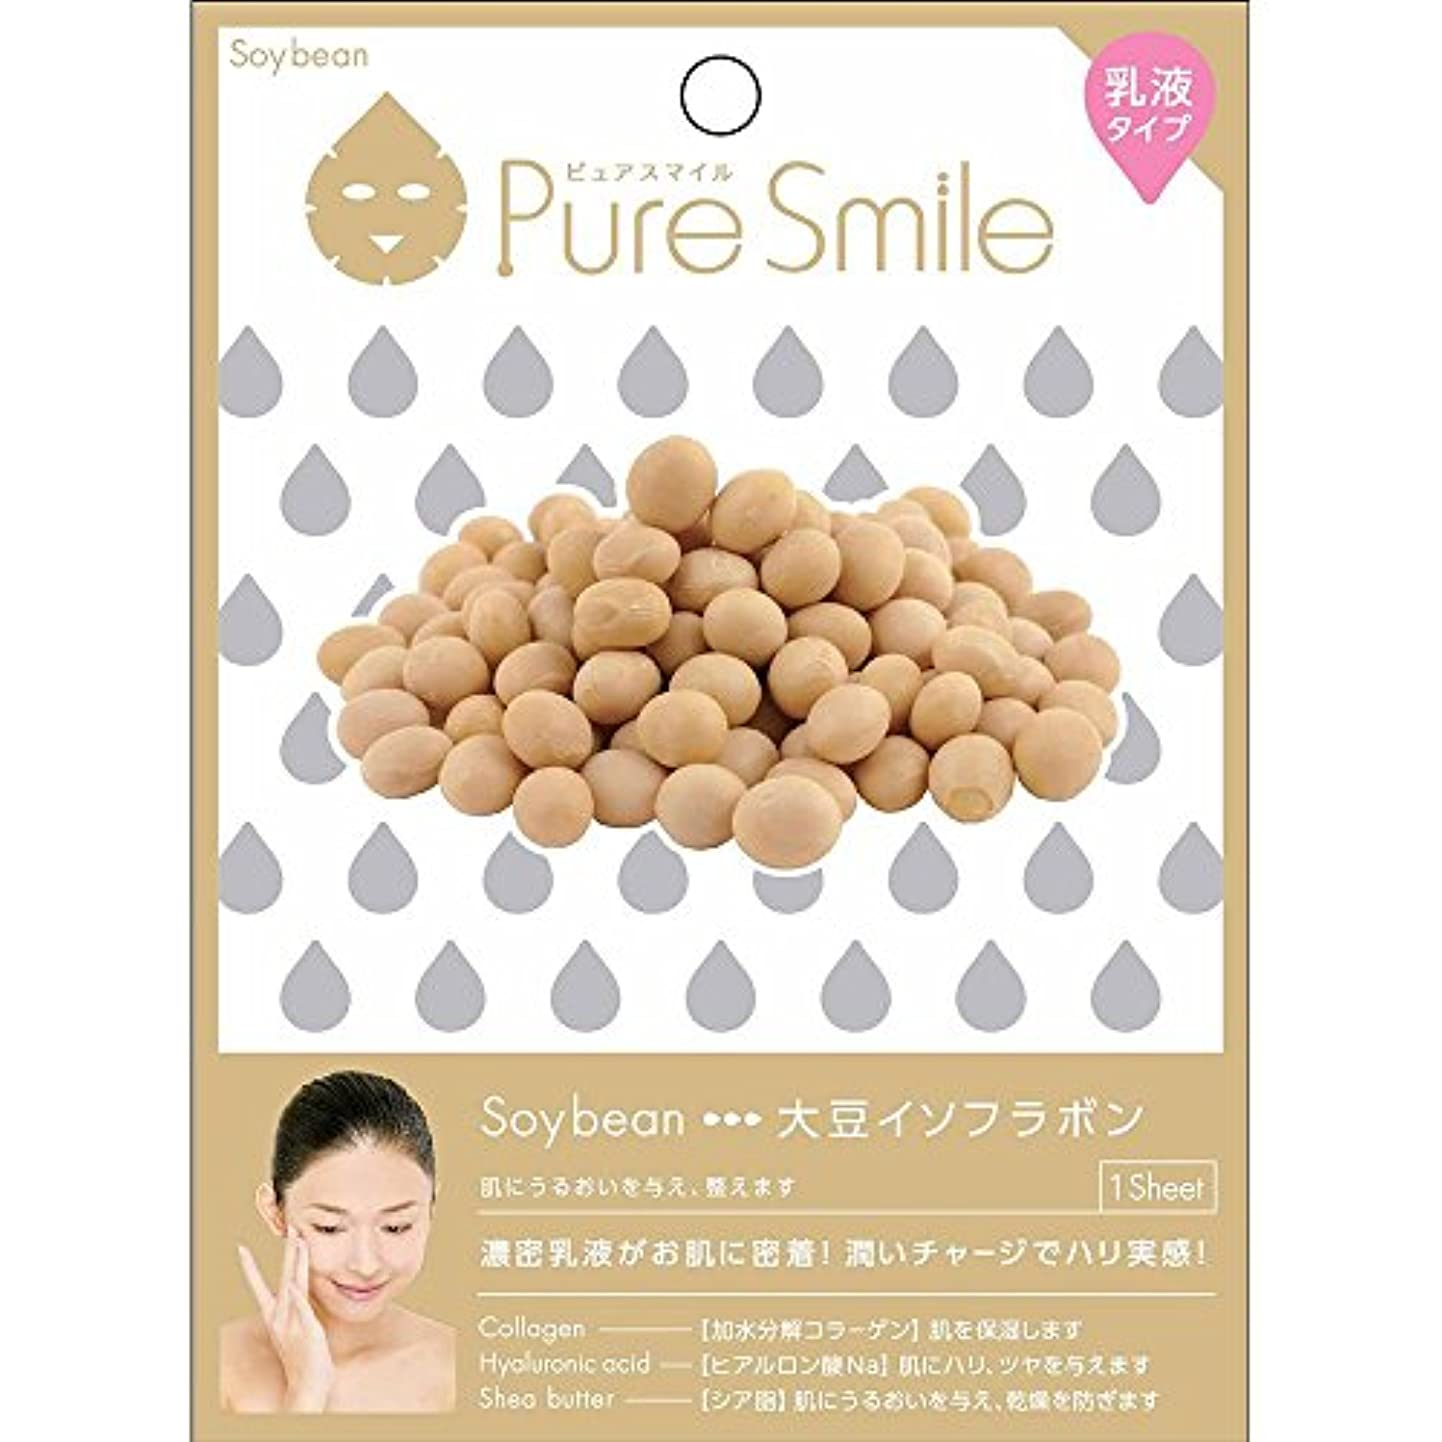 住所酸化物野生Pure Smile(ピュアスマイル) 乳液エッセンスマスク 1 枚 大豆イソフラボン